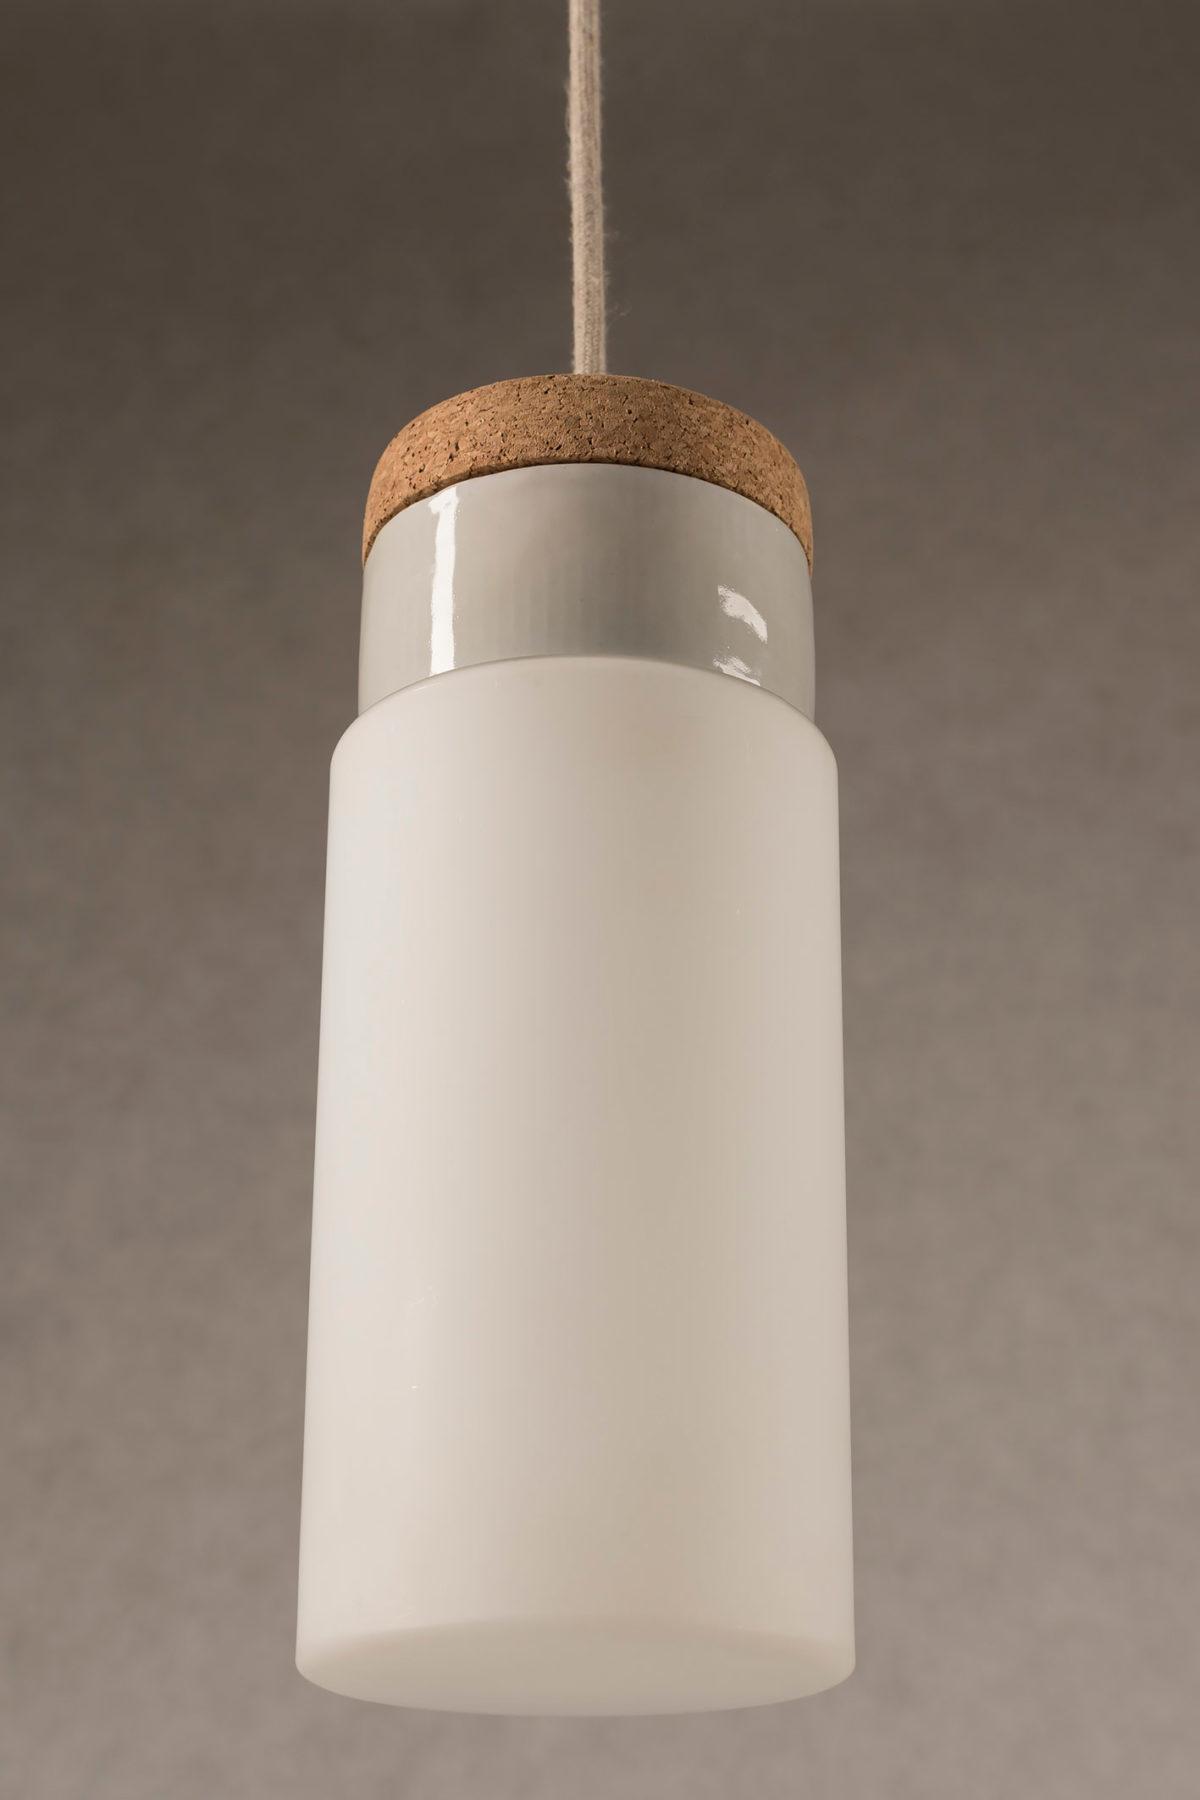 wisząca lampa korkowa z kloszem szklanym Cylinder 2